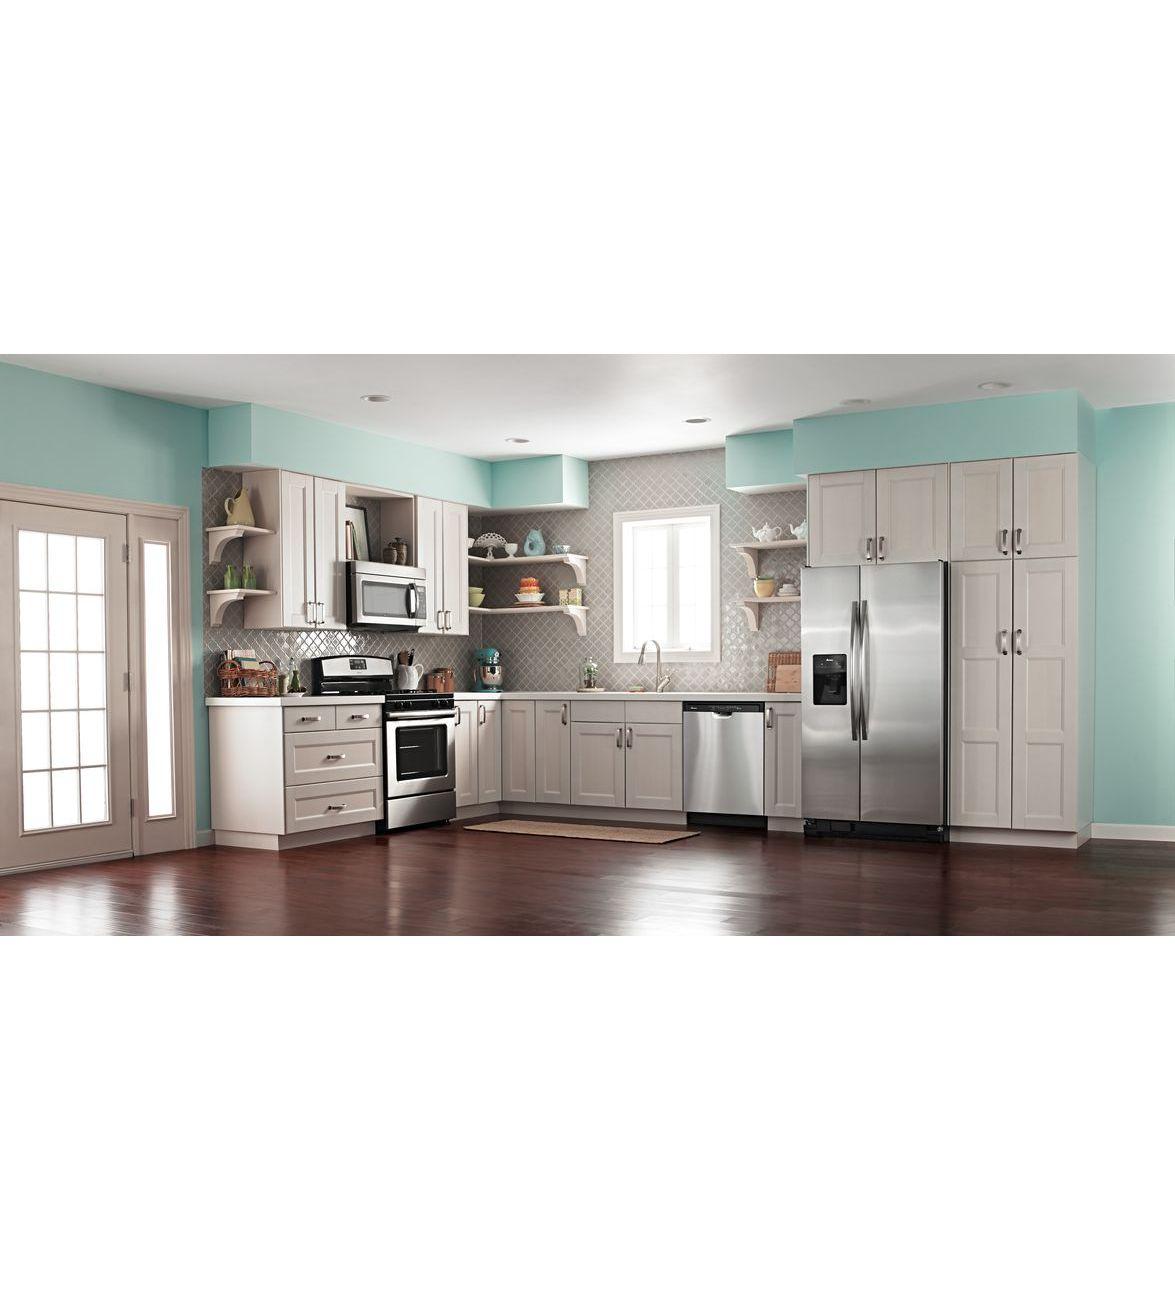 Adb1700ads lave vaisselle cuve haute amana avec for Interieur lave vaisselle